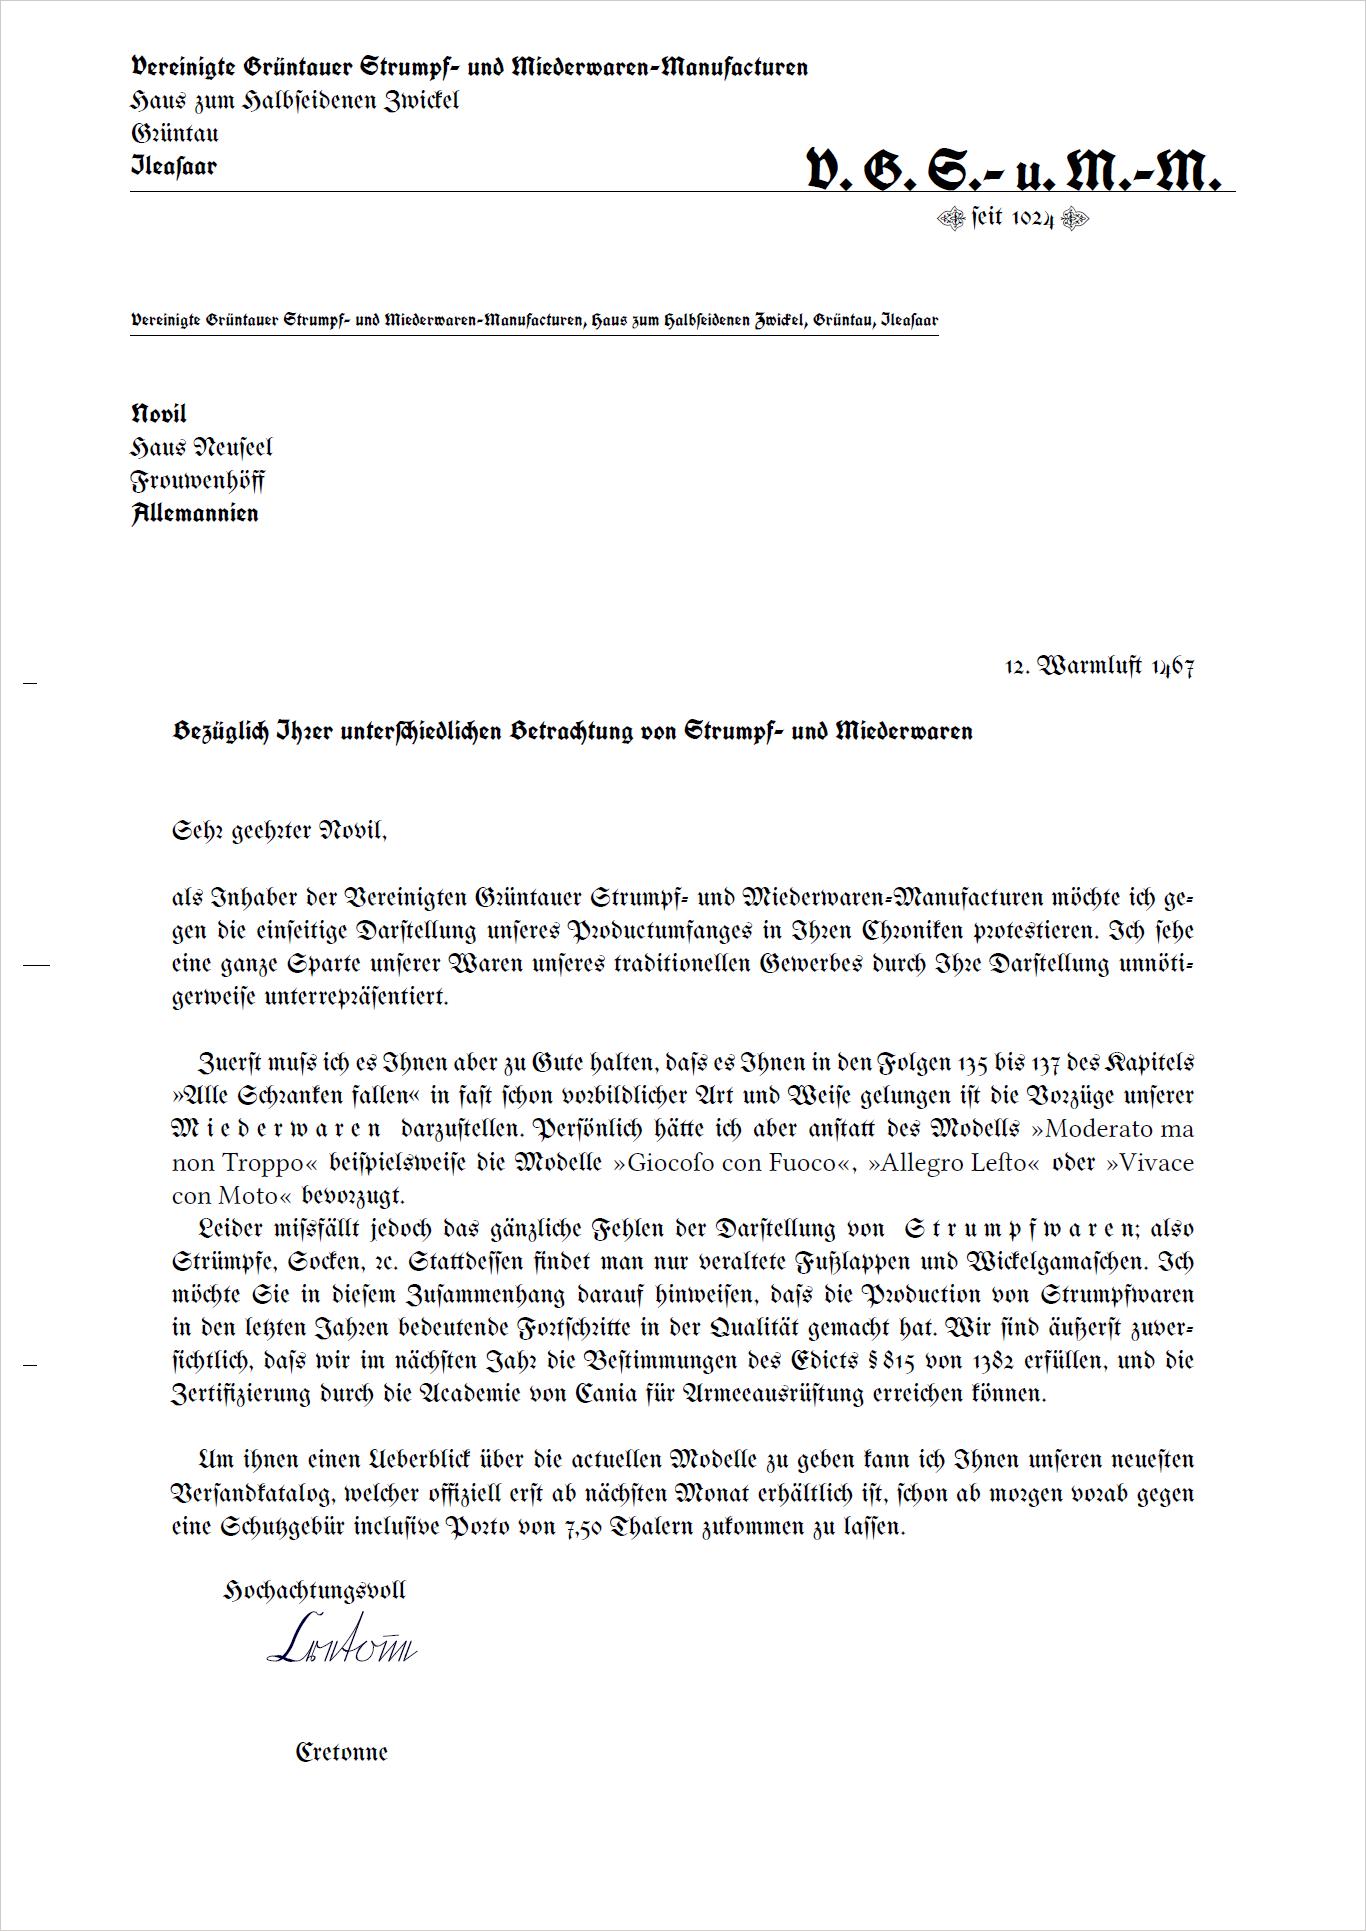 Gaia Auf Deutsch Brief Von Den Vereinigten Grüntauer Strumpf Und